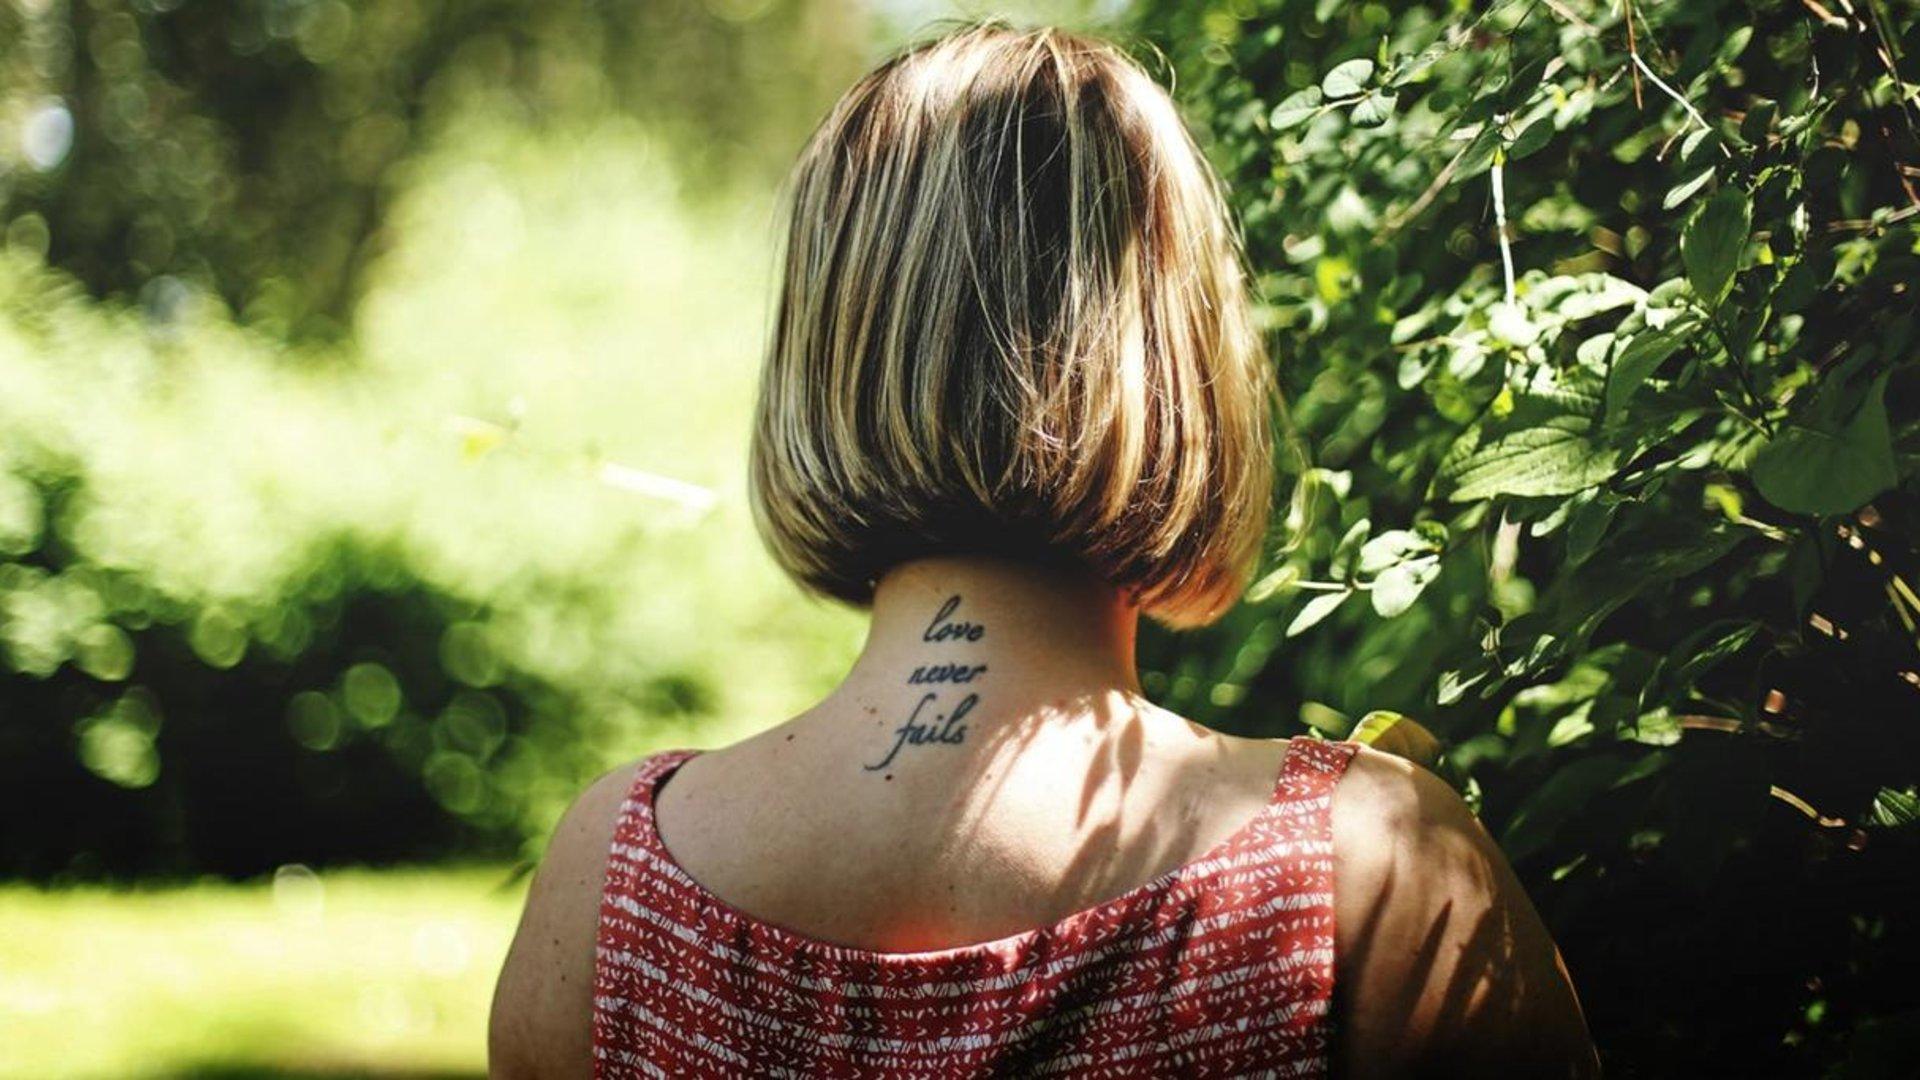 Nacken frauen tattoos für 31 Elegant